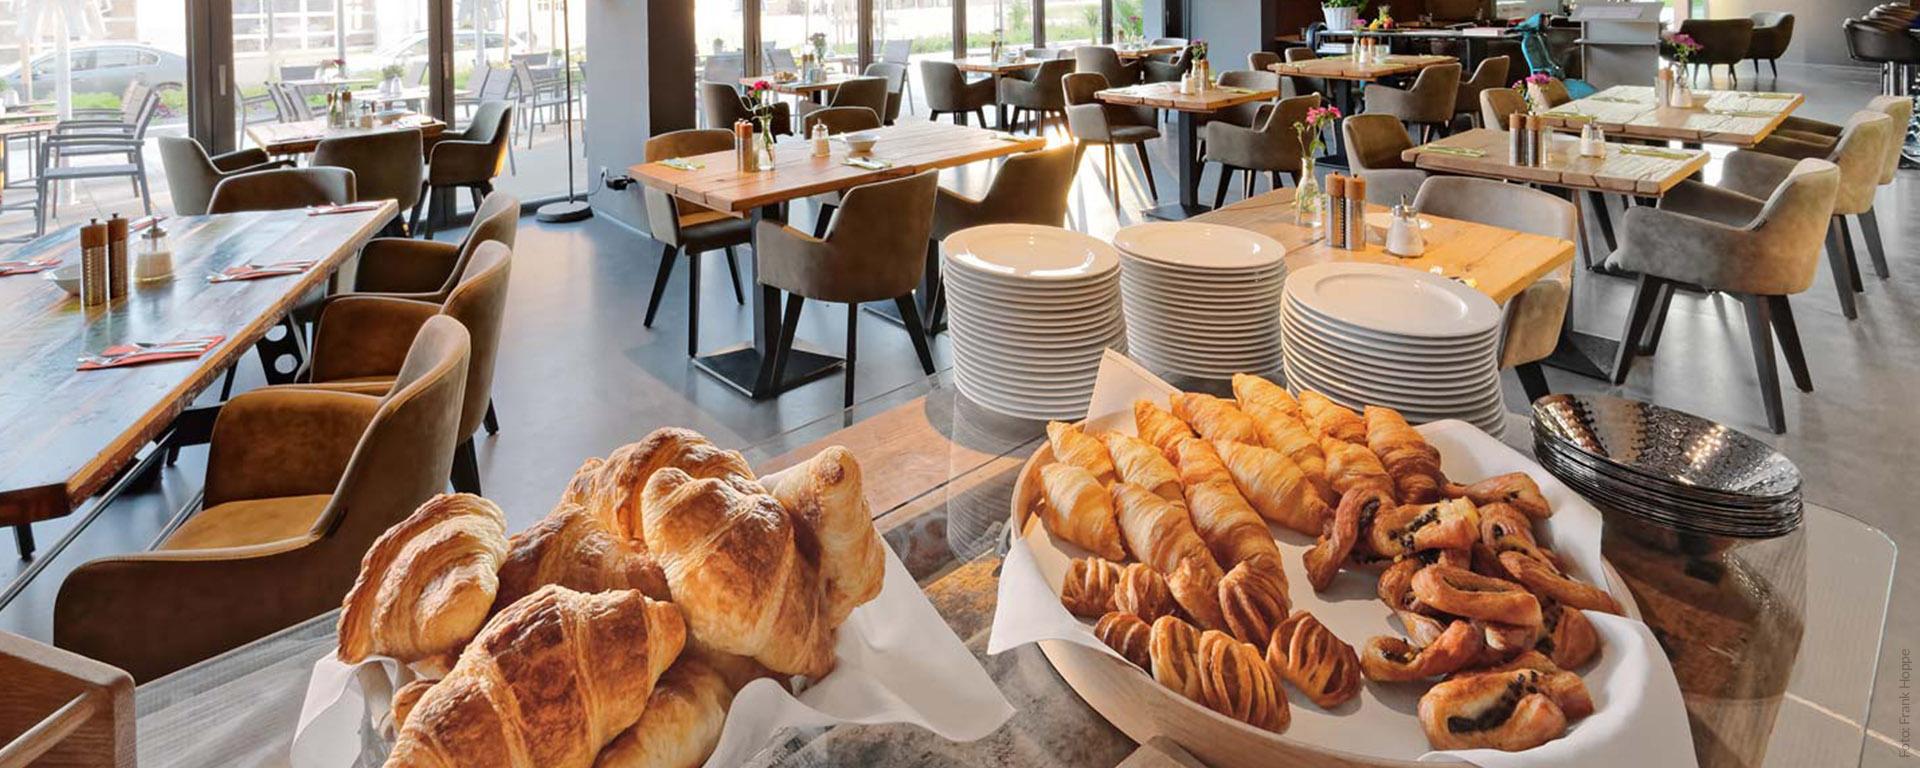 """V8 Hotel Restaurant """"PICK-UP"""" in BB (Böblingen) bietet täglich ein reichhaltiges Frühstücks-Buffet auch für Gäste von aussen. Reservieren Sie rechtzeitig!"""